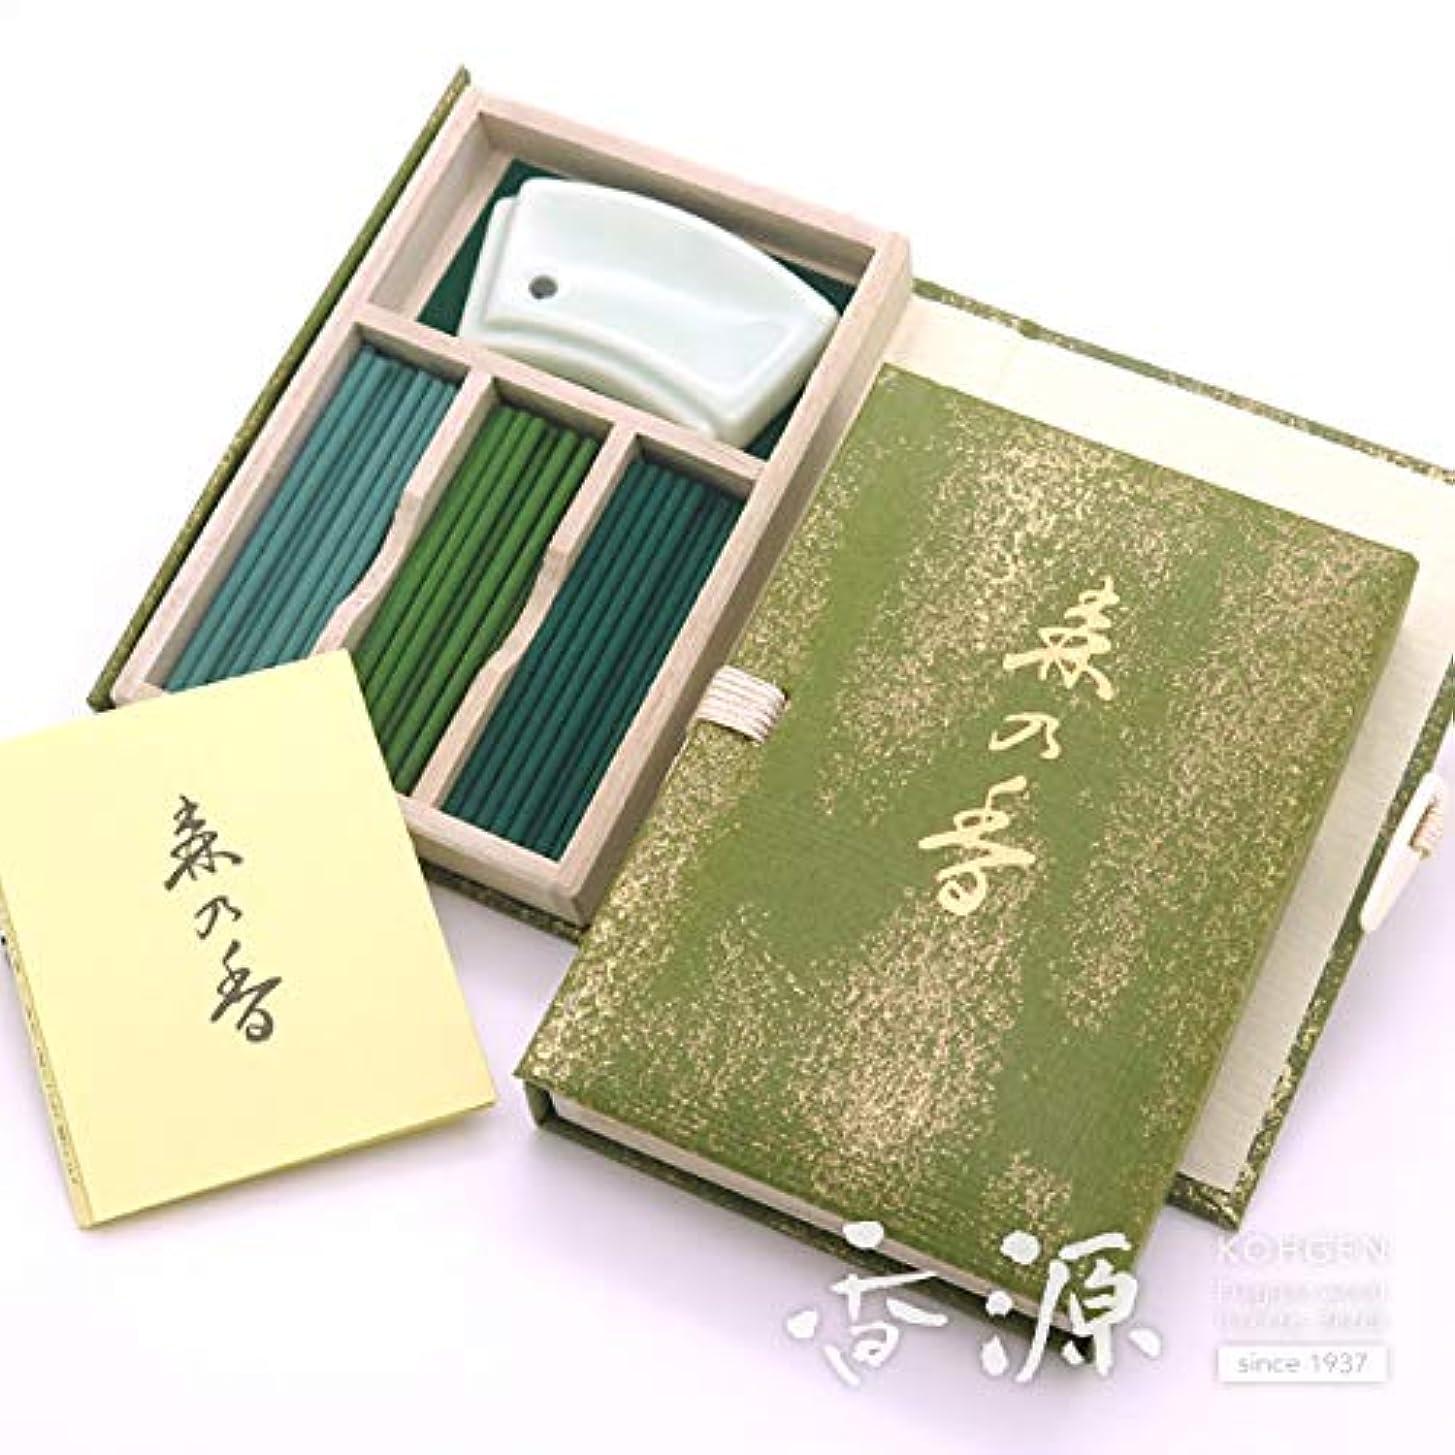 ゴミ箱示す類推日本香堂のお香 森の香 スティックミニ寸文庫型 60本入り